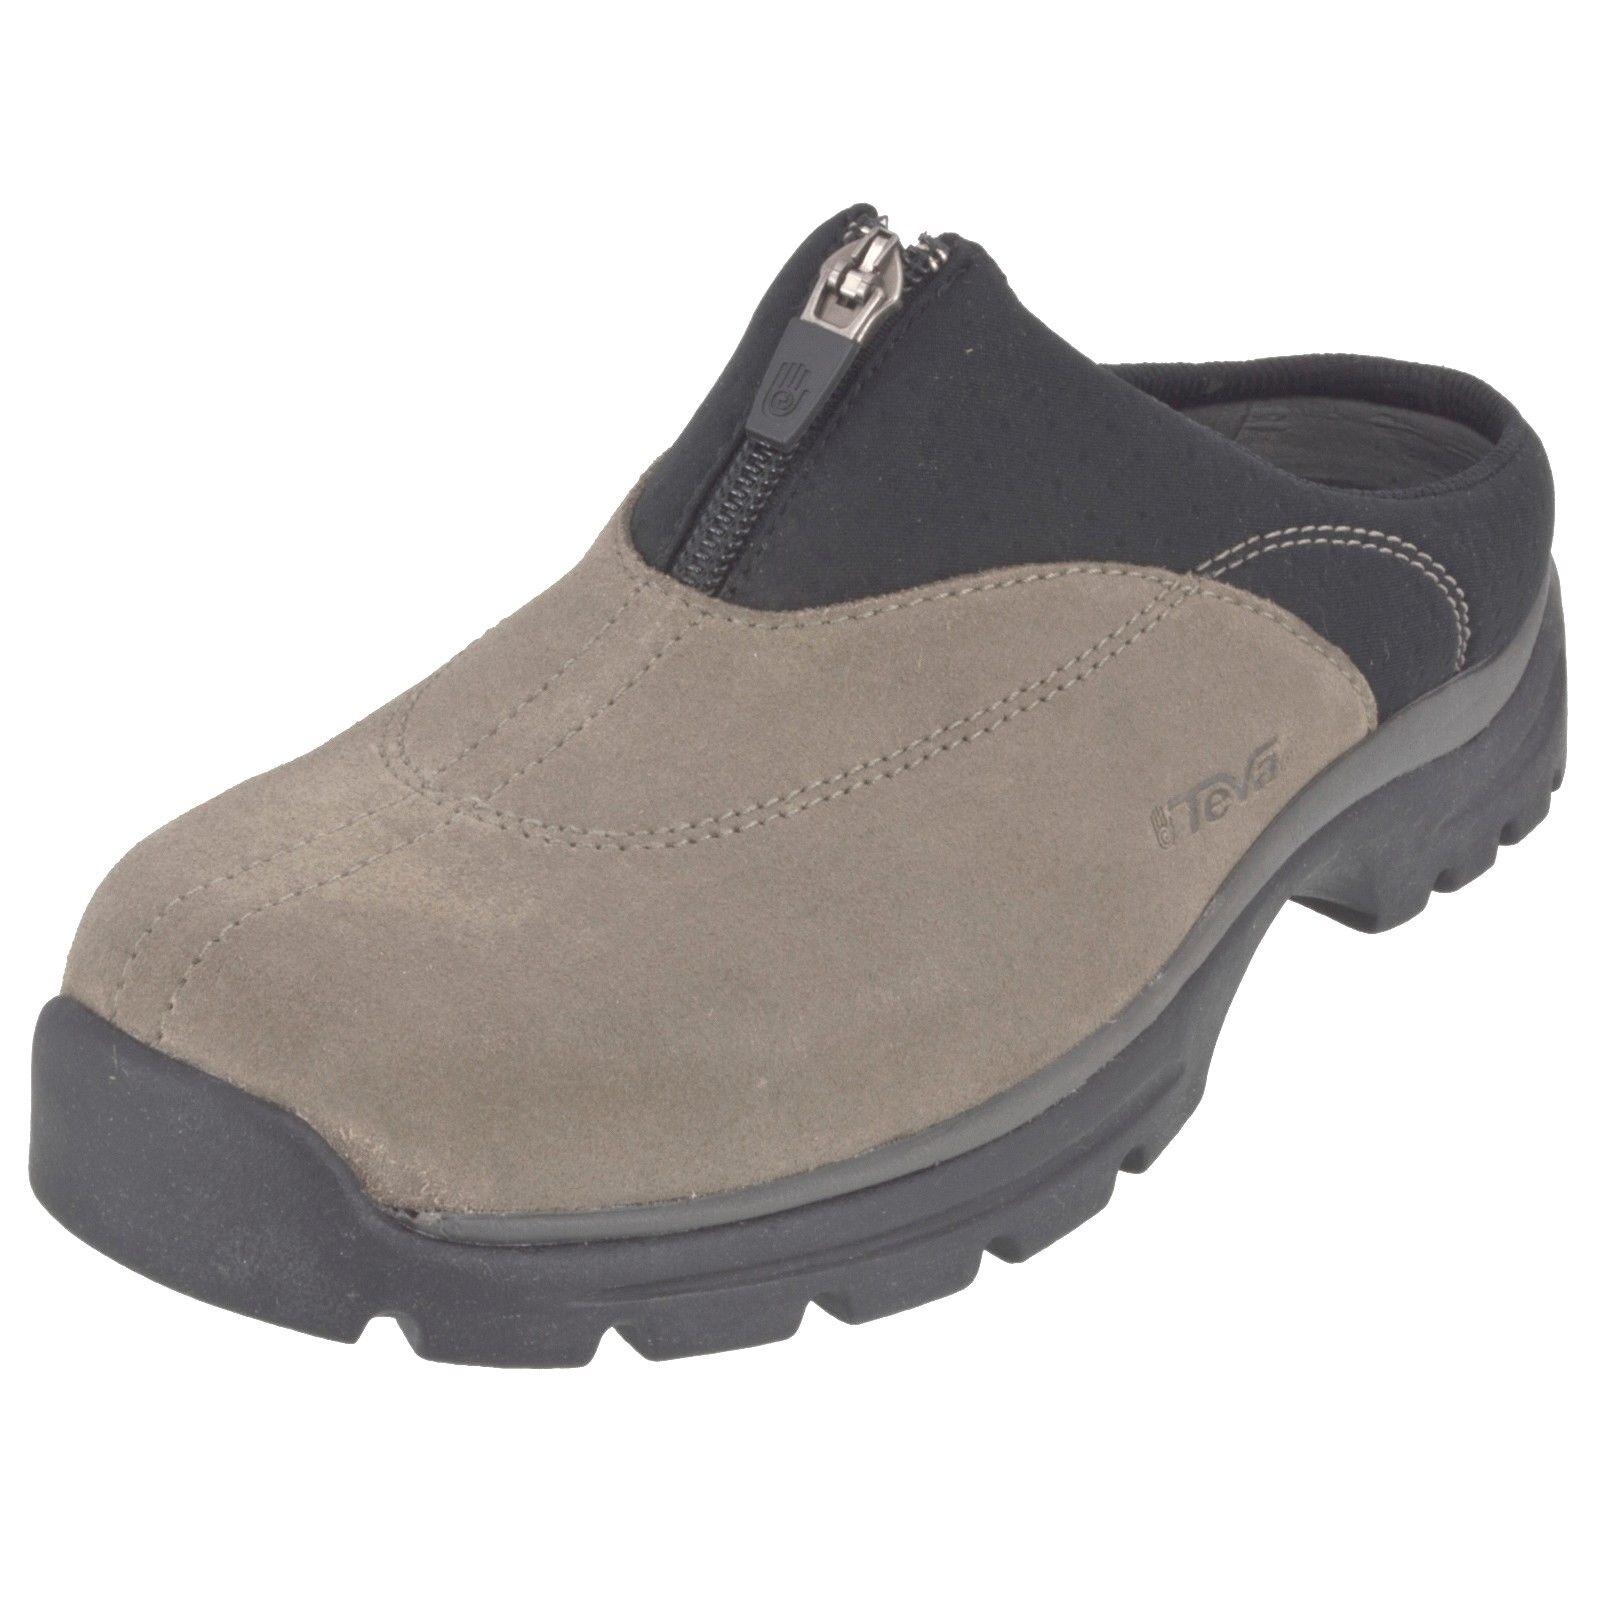 Teva 6447 Para Mujer Nuevo En Caja sheeba Gamuza Gamuza Gamuza obstruir Zapato nos 7  precio al por mayor